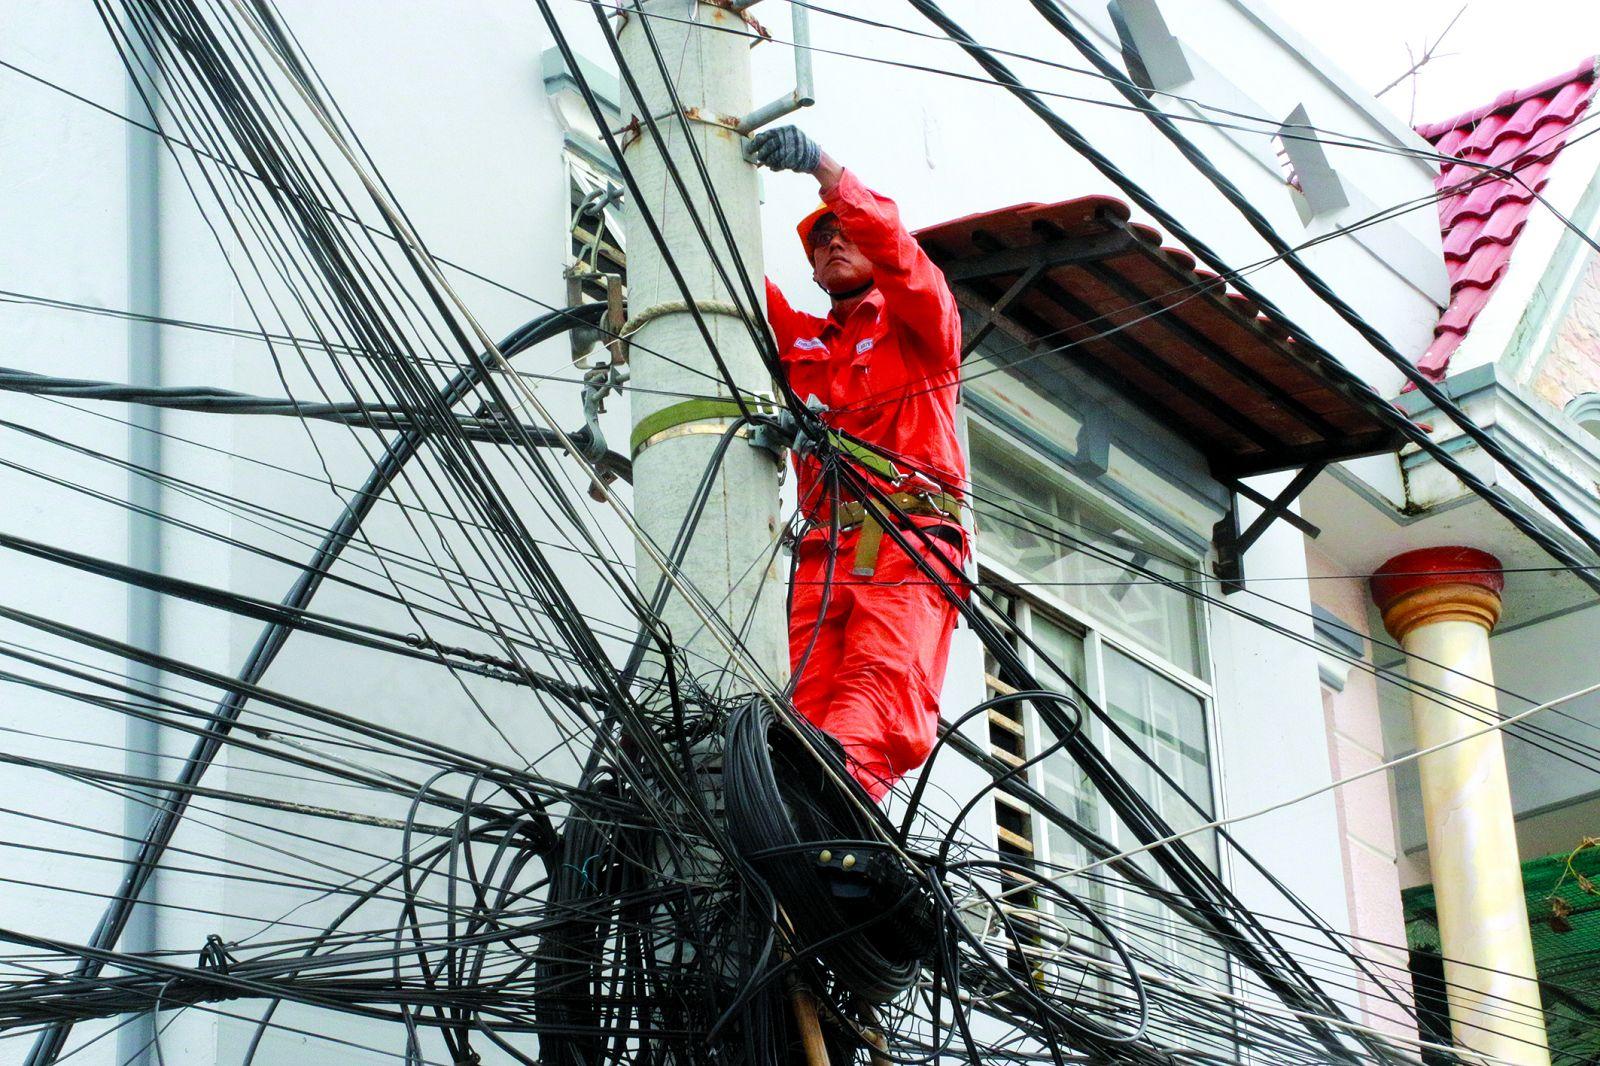 Điện lực Ninh Kiều đã hoàn tất kế hoạch trên cơ sở sẵn sàng cung cấp điện an toàn, liên tục và đảm bảo chất lượng điện cho các địa điểm tổ chức sự kiện APEC 2017 tại TP Cần Thơ